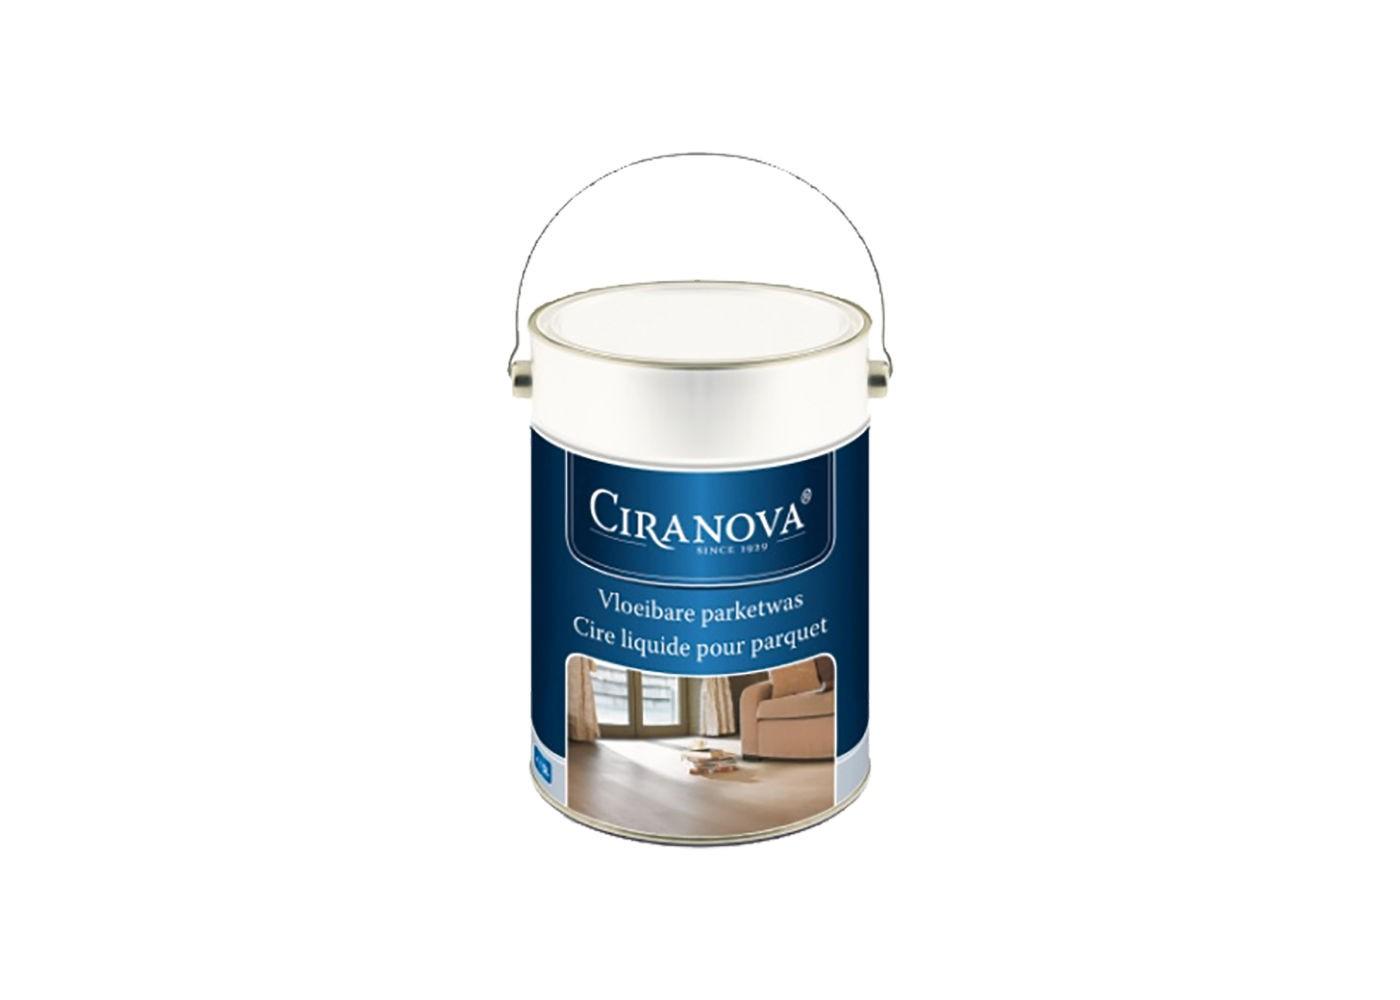 Cire liquide naturelle Ciranova Blanche 5 litres